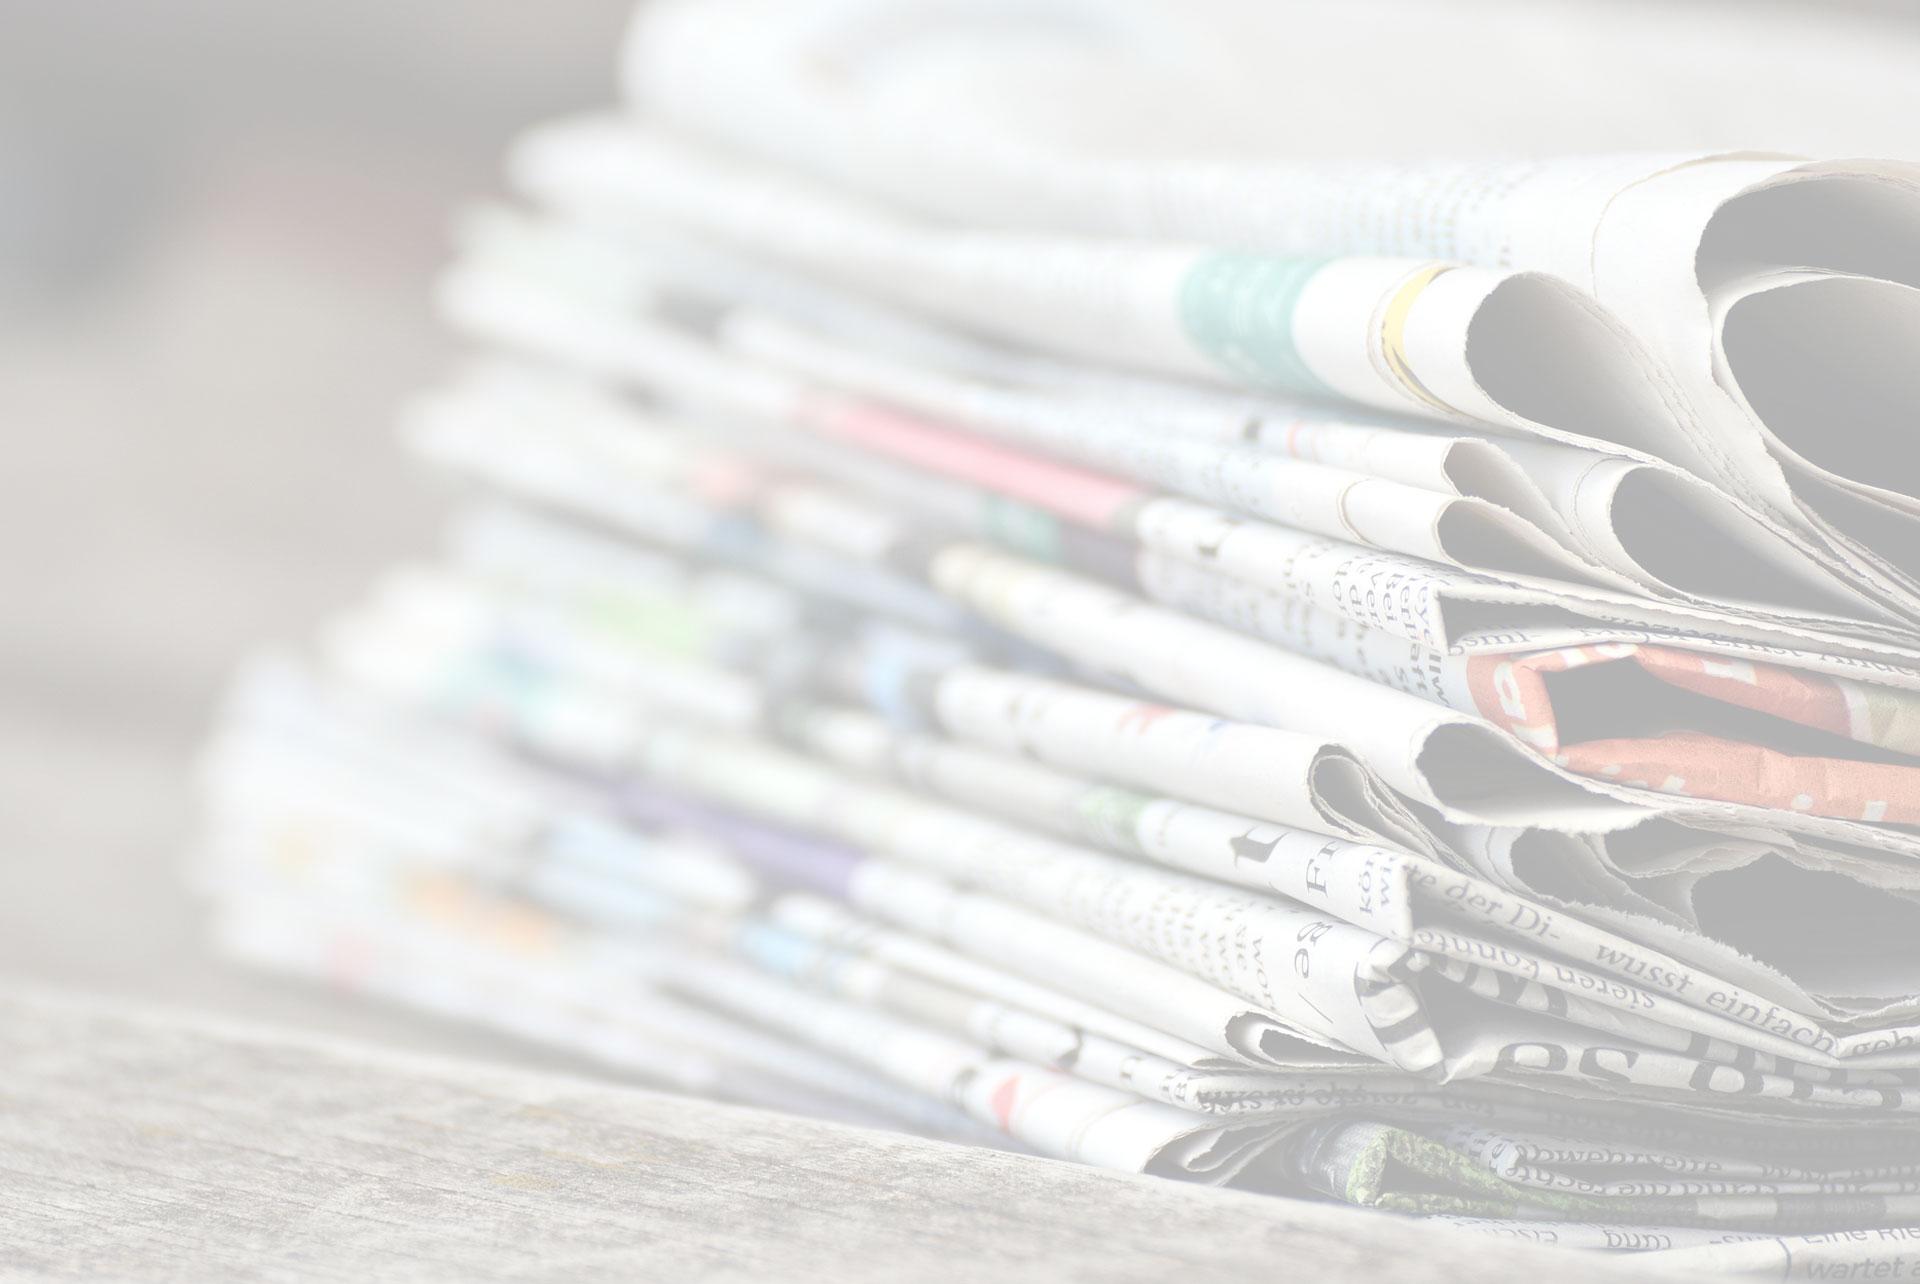 Gennaro Gattuso Raoul Bellanova Milan-Arsenal Milan-Chievo Juventus-Milan Milan-Fiorentina